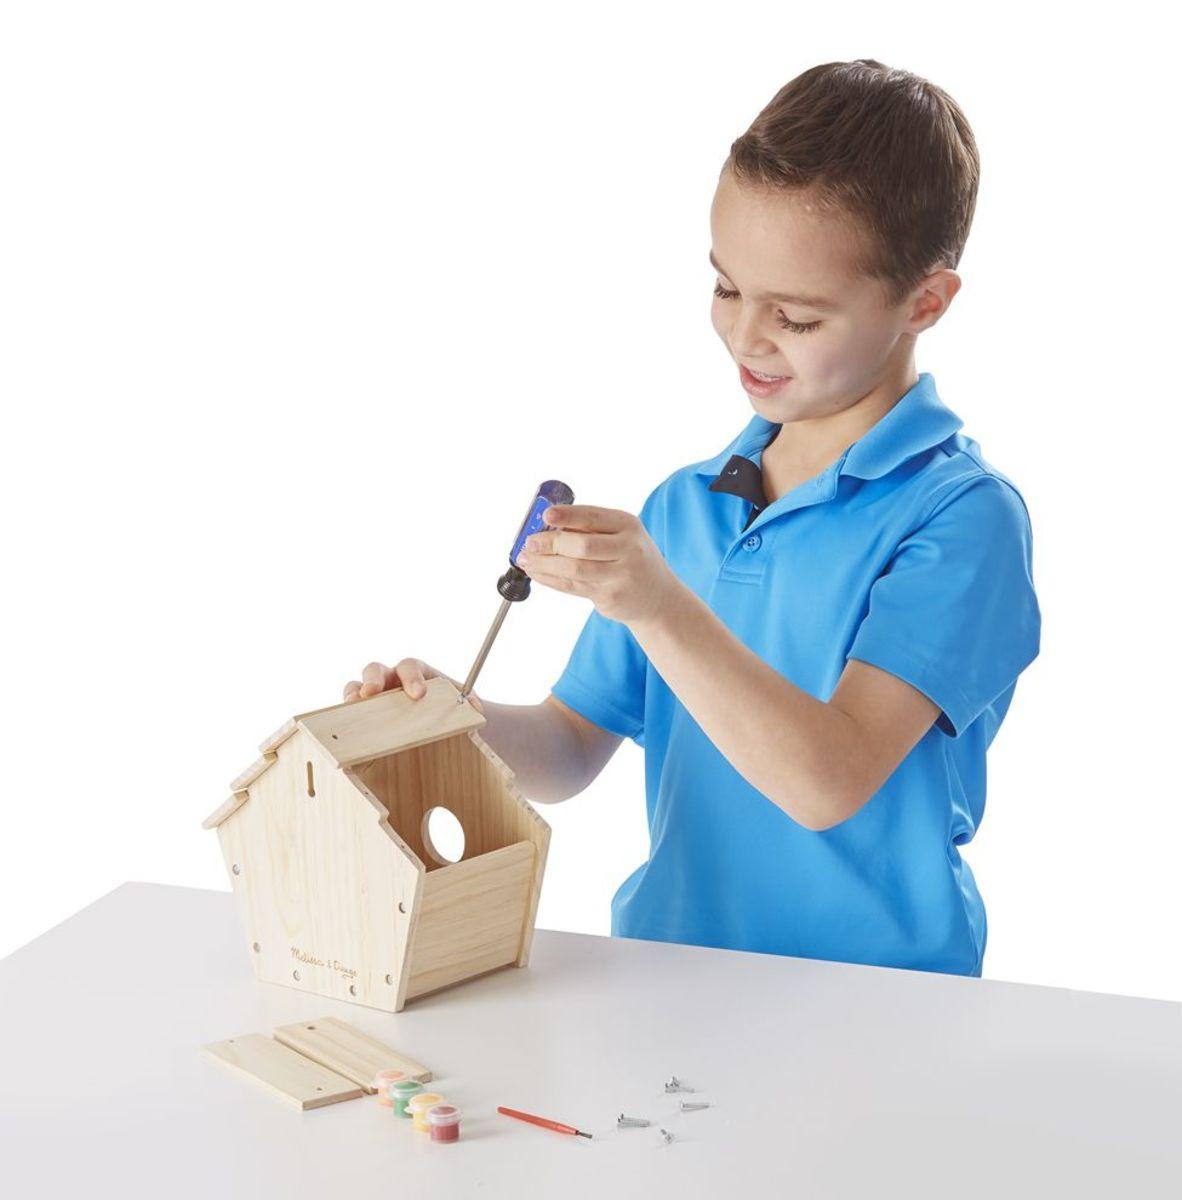 Kreativní sada - dřevěná ptačí budka Build-your-own birdhouse